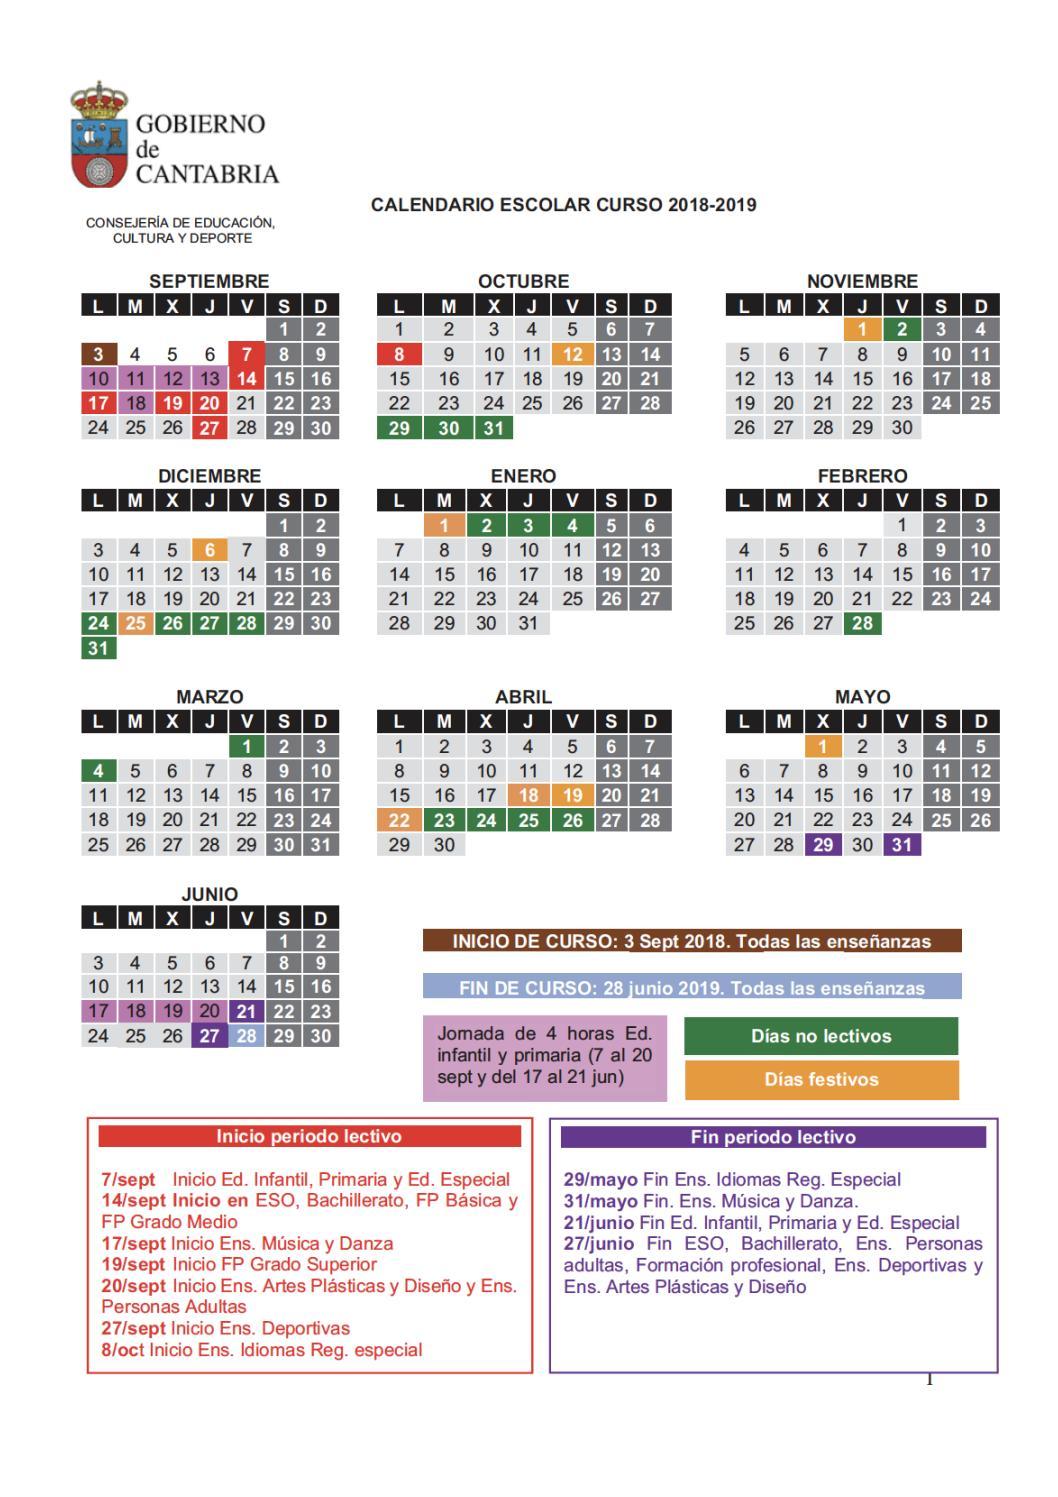 Calendario 2018 2019.Calendario Escolar 2018 2019 By Colegio Concepcion Arenal